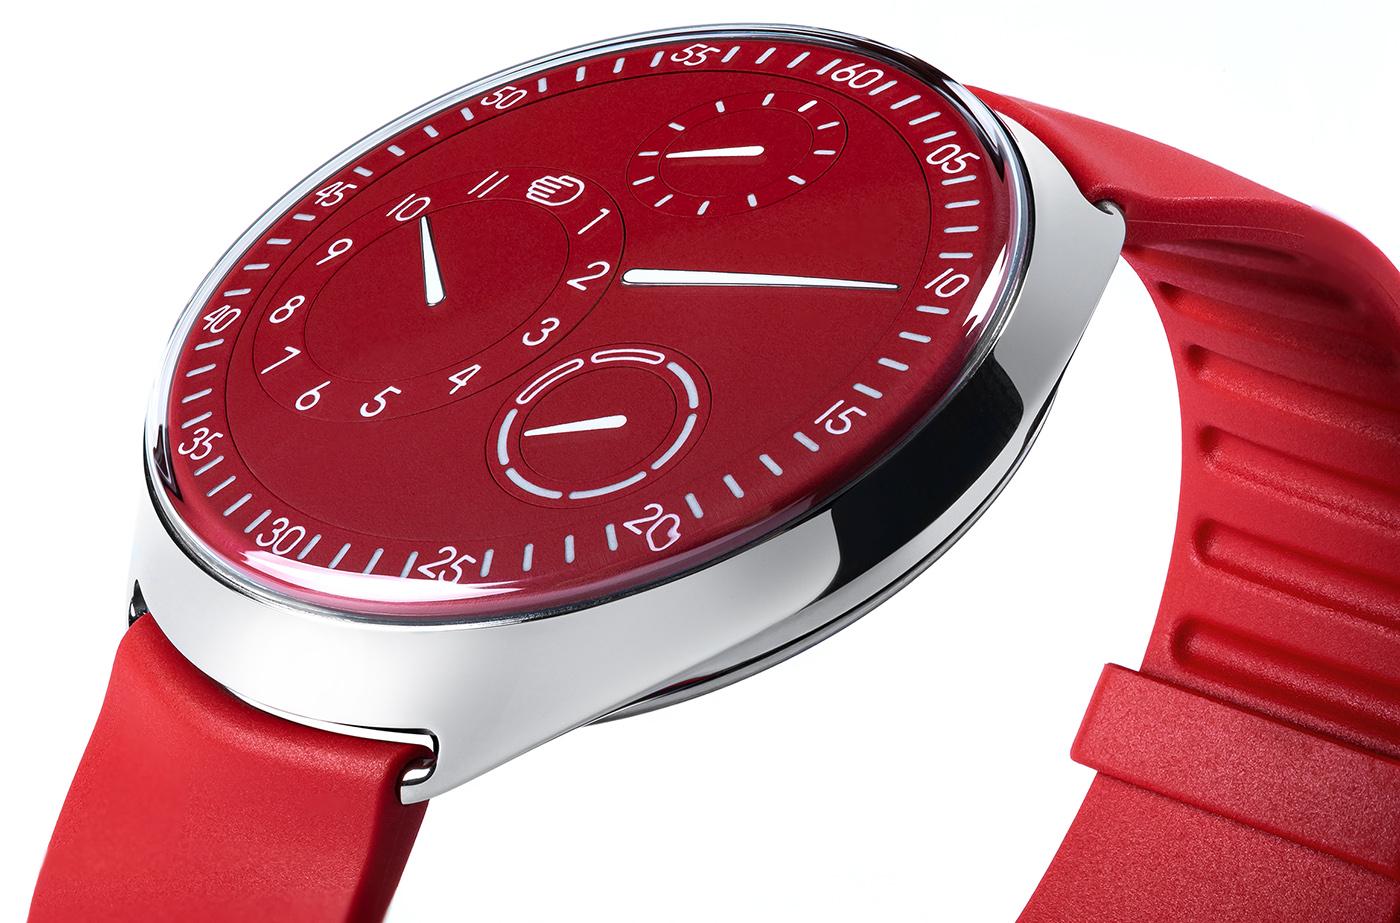 Ressence представляет лимитированную серию красных часов Type 1 Slim